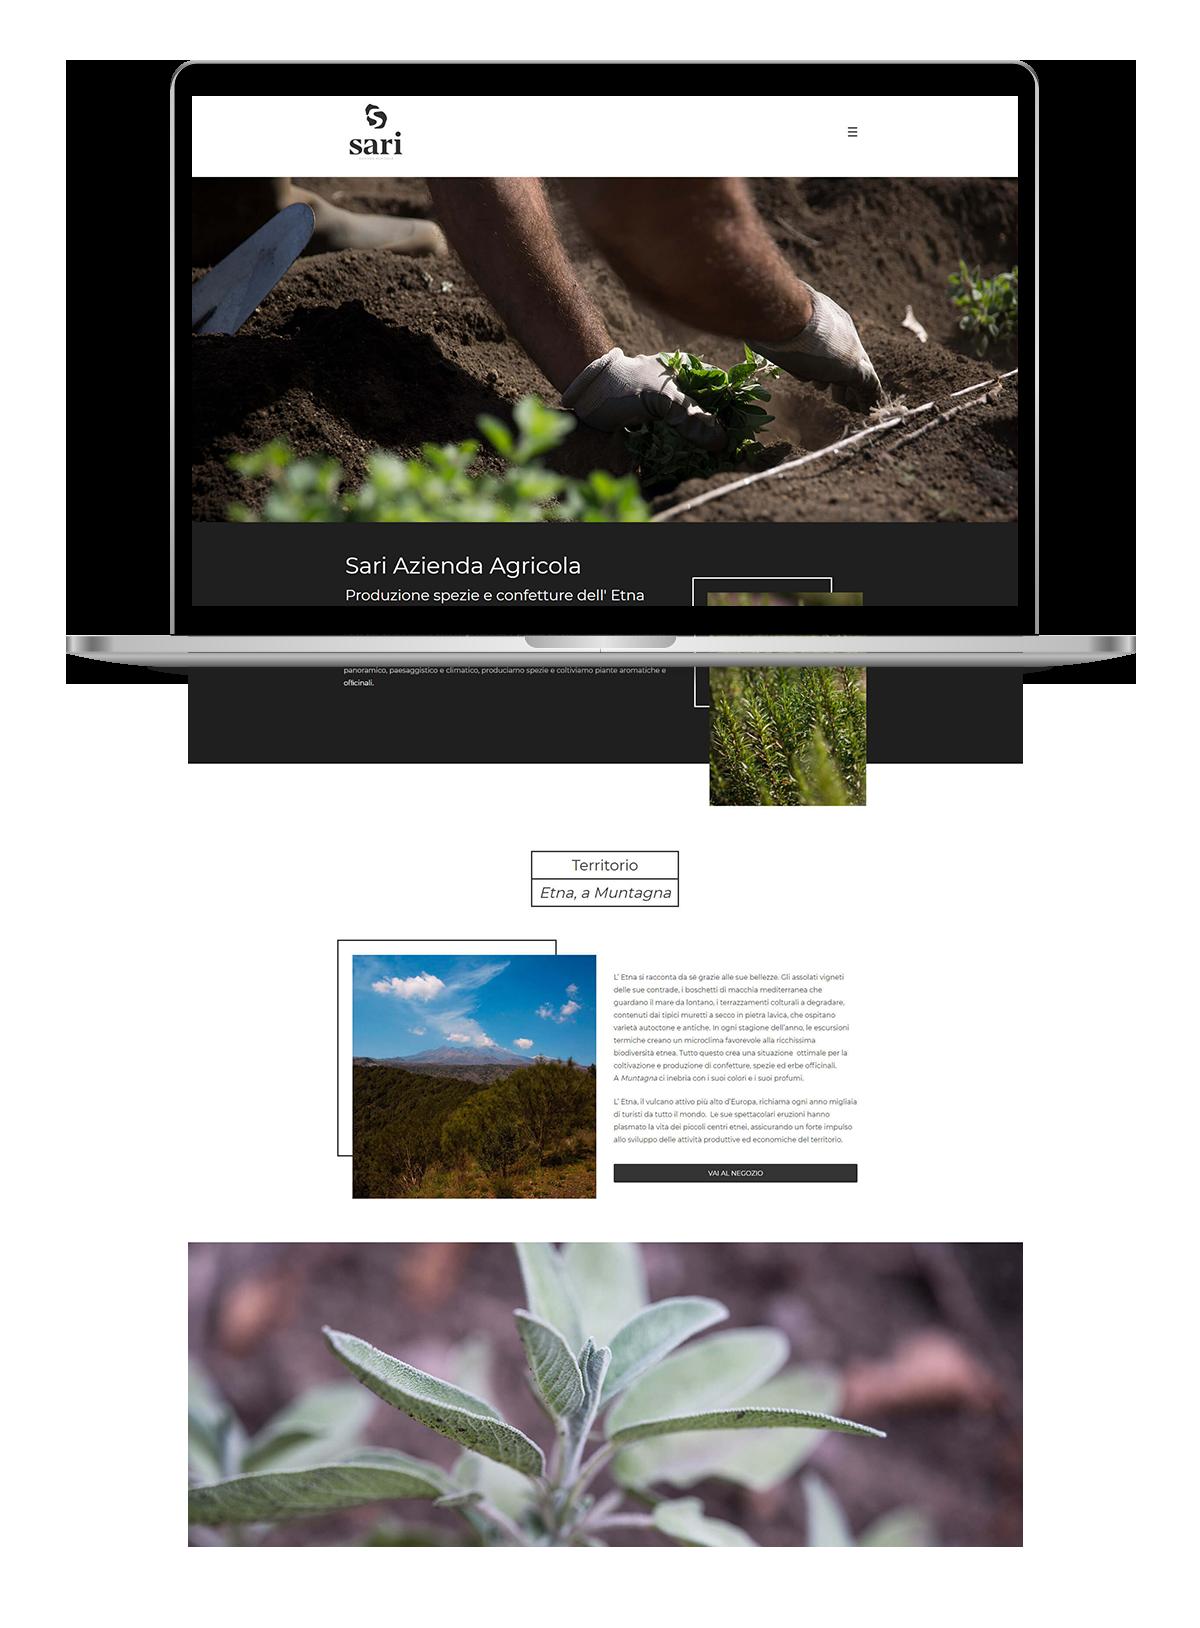 screenshot-sito-azienda-agricola